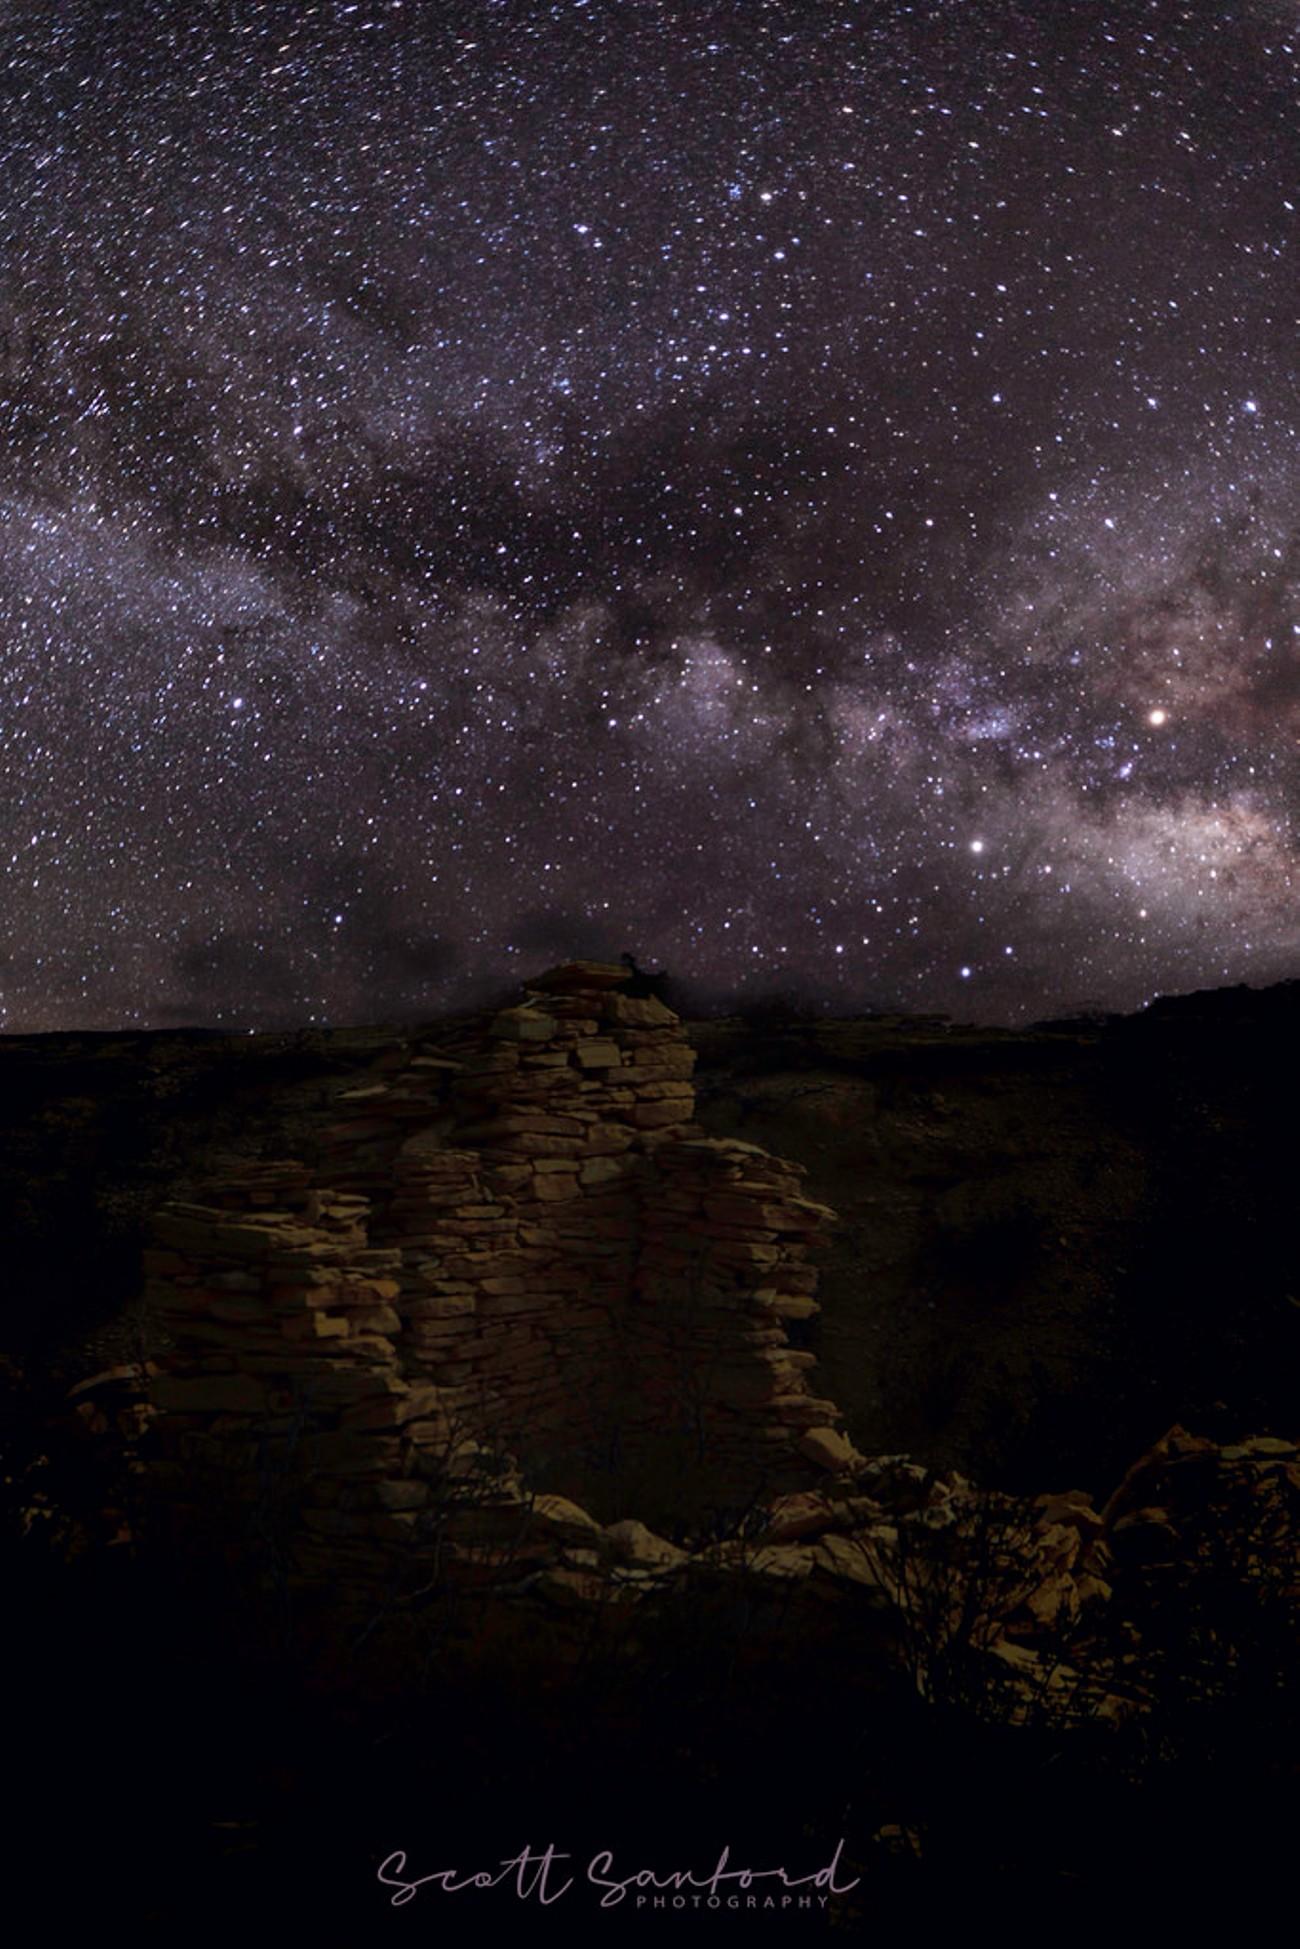 Starlight over Terlingua